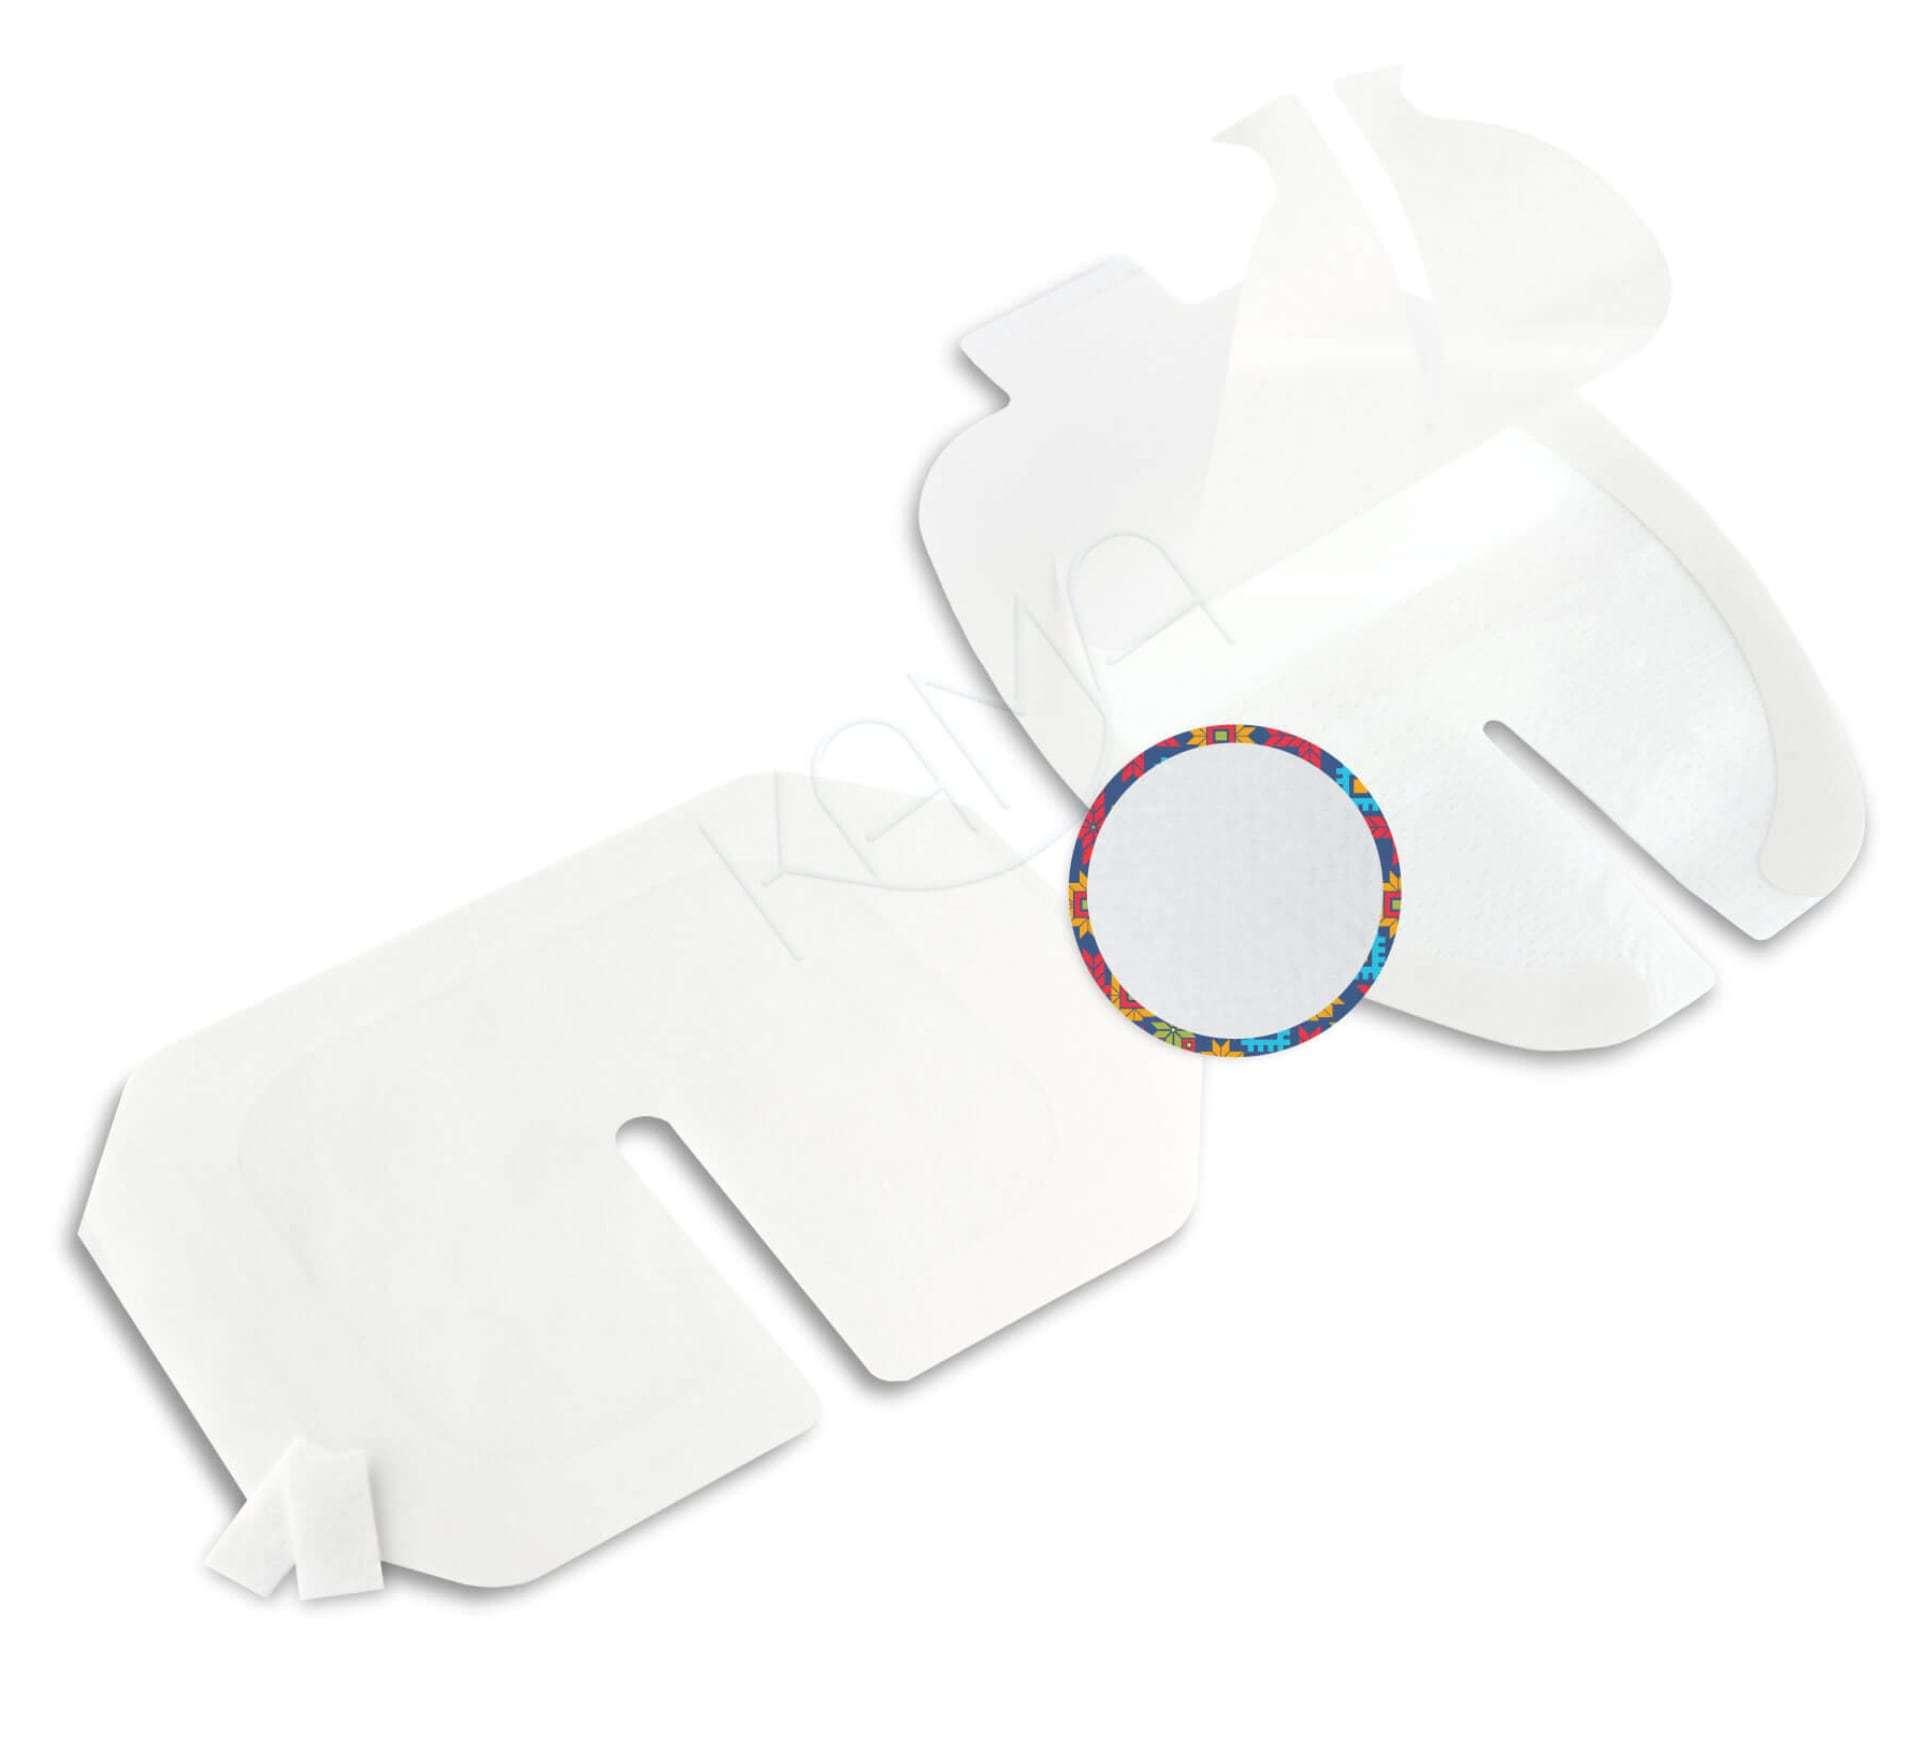 Повязка прозрачная для фиксации катетеров АйВи-Филм 8,5x11,5 см